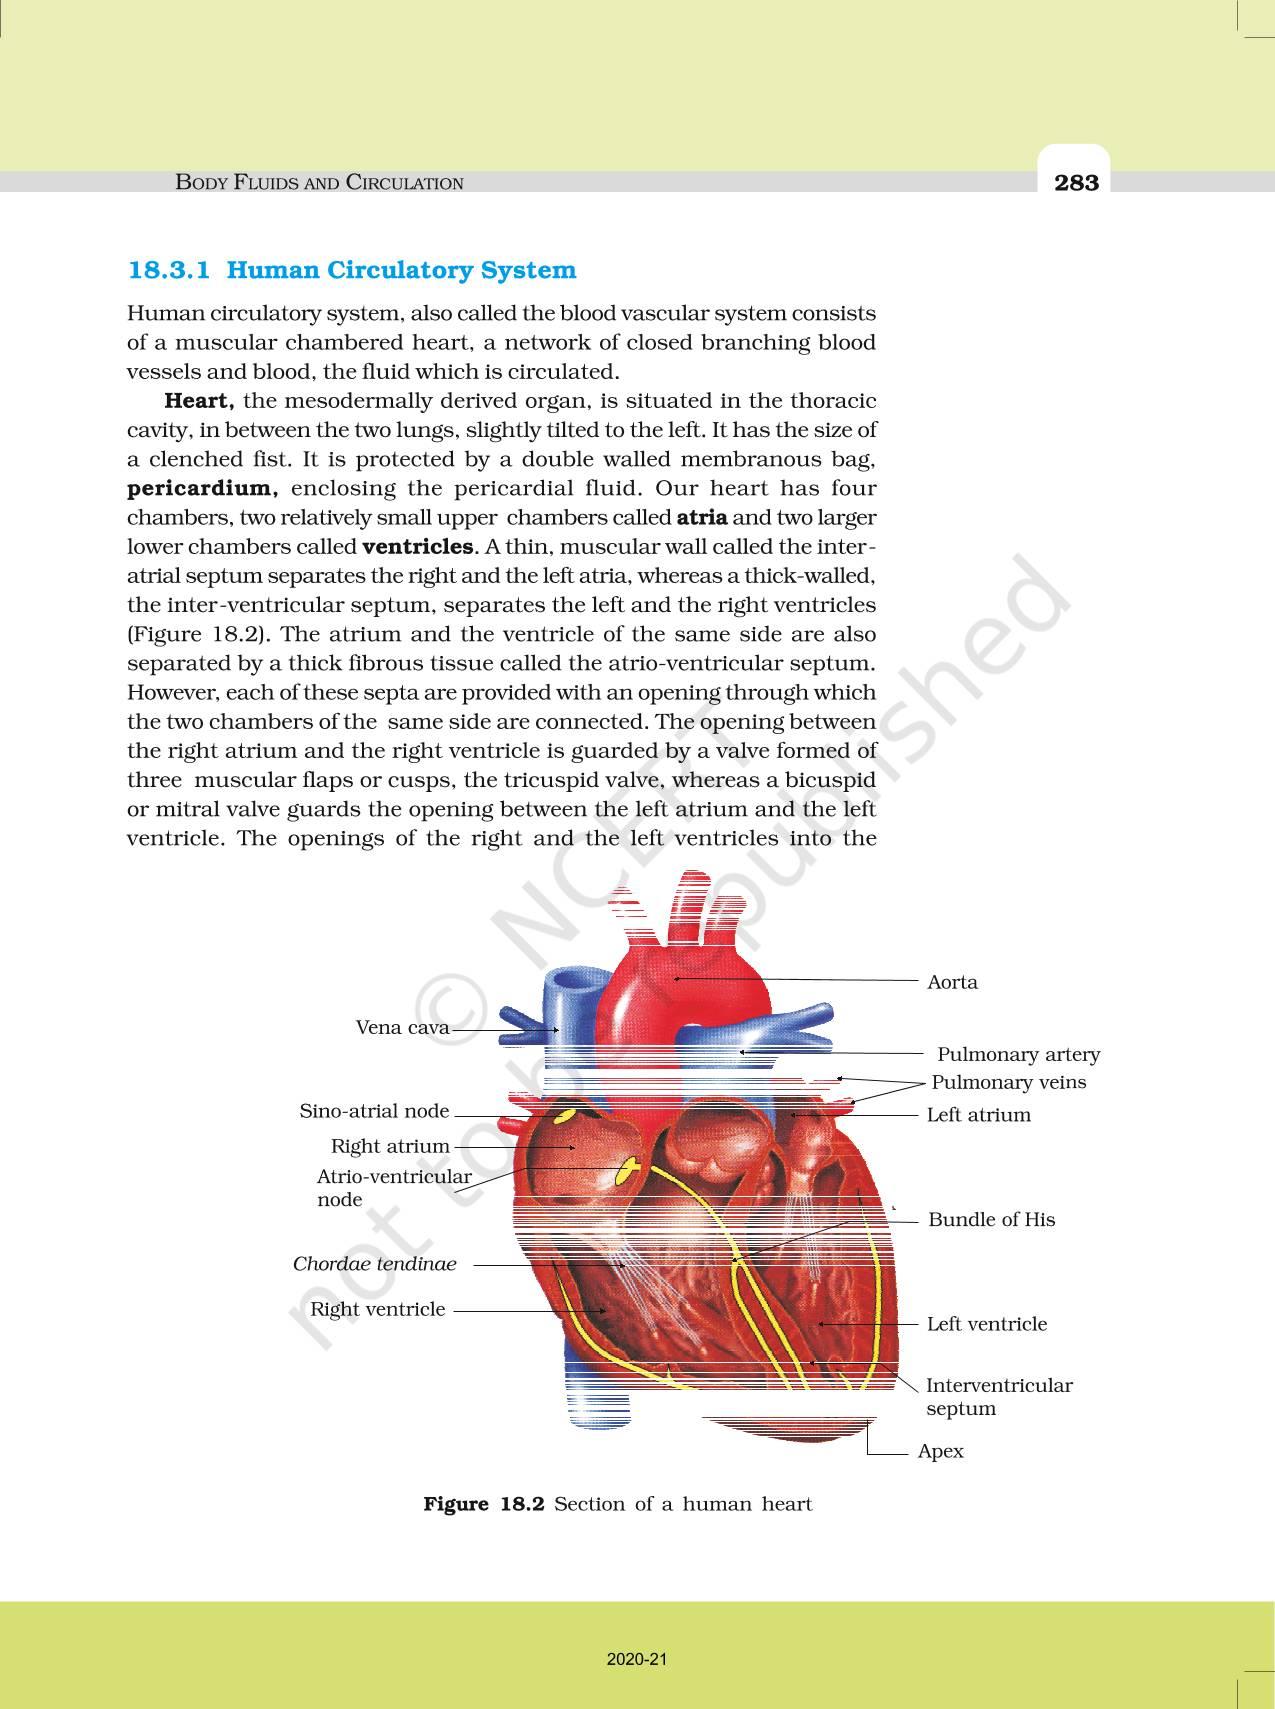 Body Fluids And Circulation - NCERT Book of Class 11 Biology